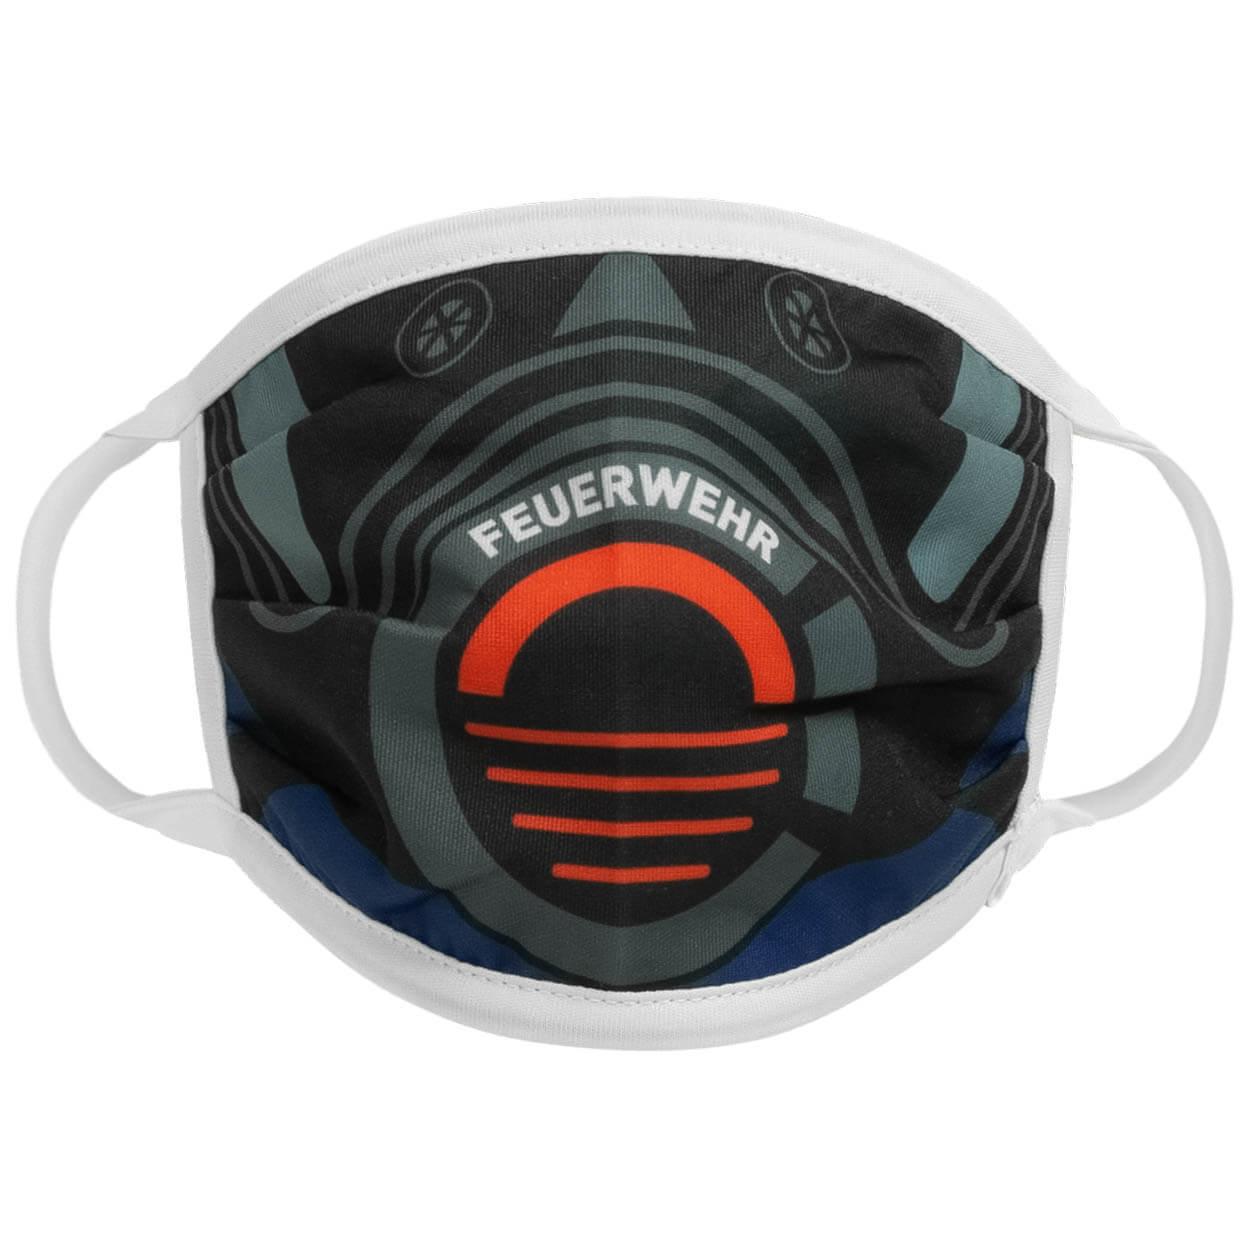 Alltagsmaske Feuerwehr Atemschutz Farbe navy